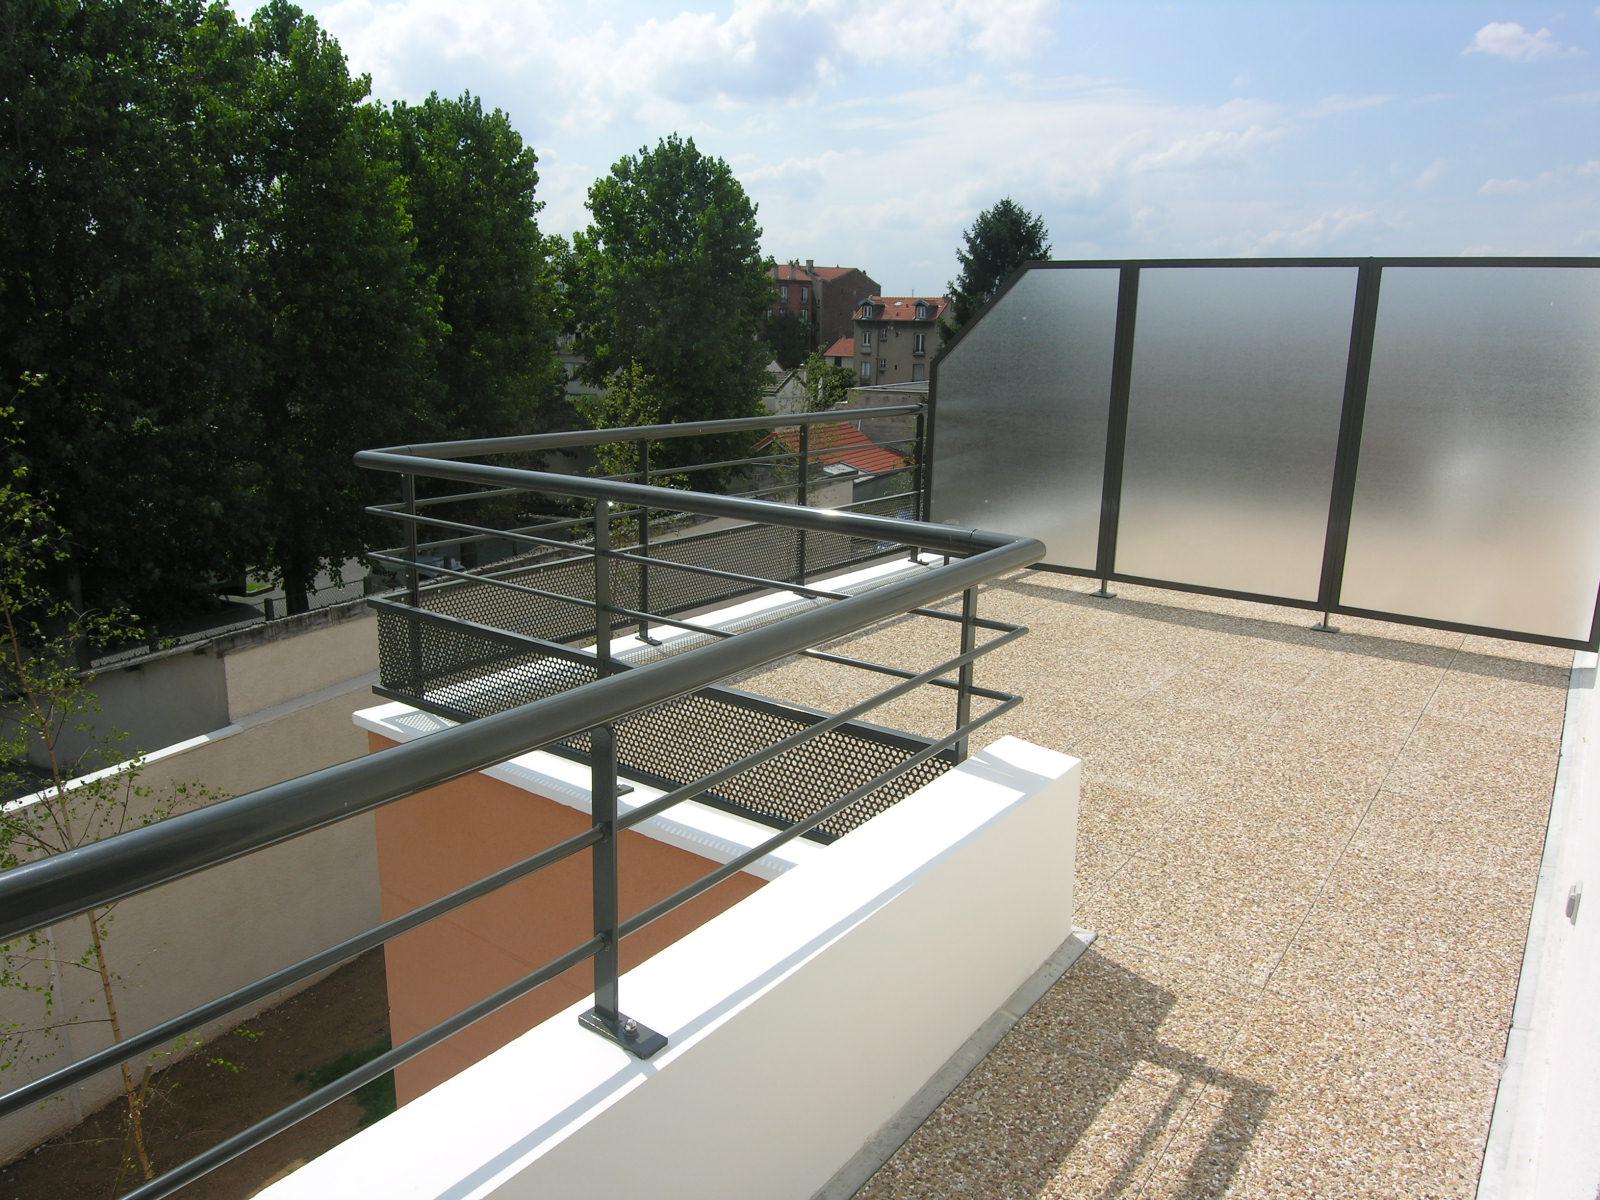 4 Pièces 82m² + Terrasse 26m² <br /> Bagnolet - Avenue Raspail <br /> 395 000 €